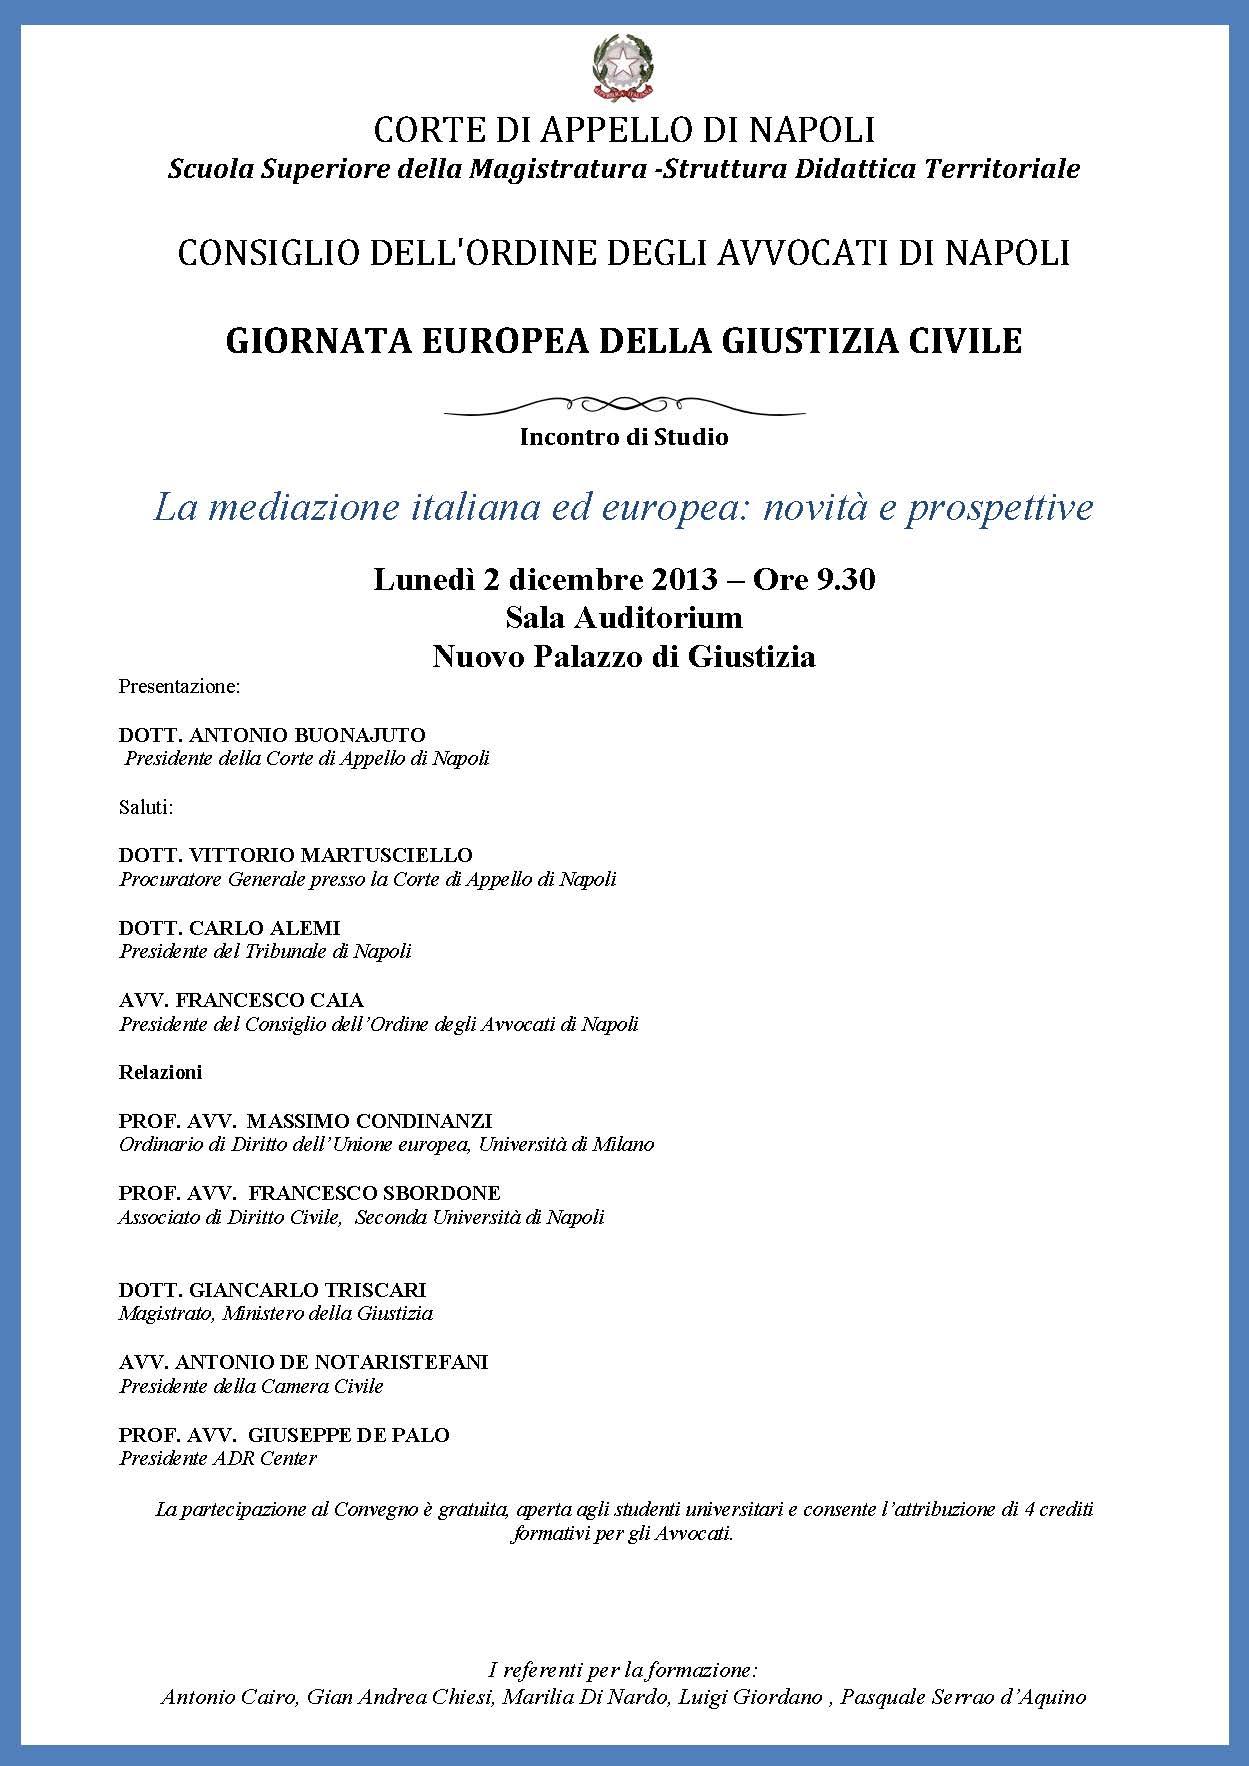 La mediazione italiana ed europea - novità e prospettive